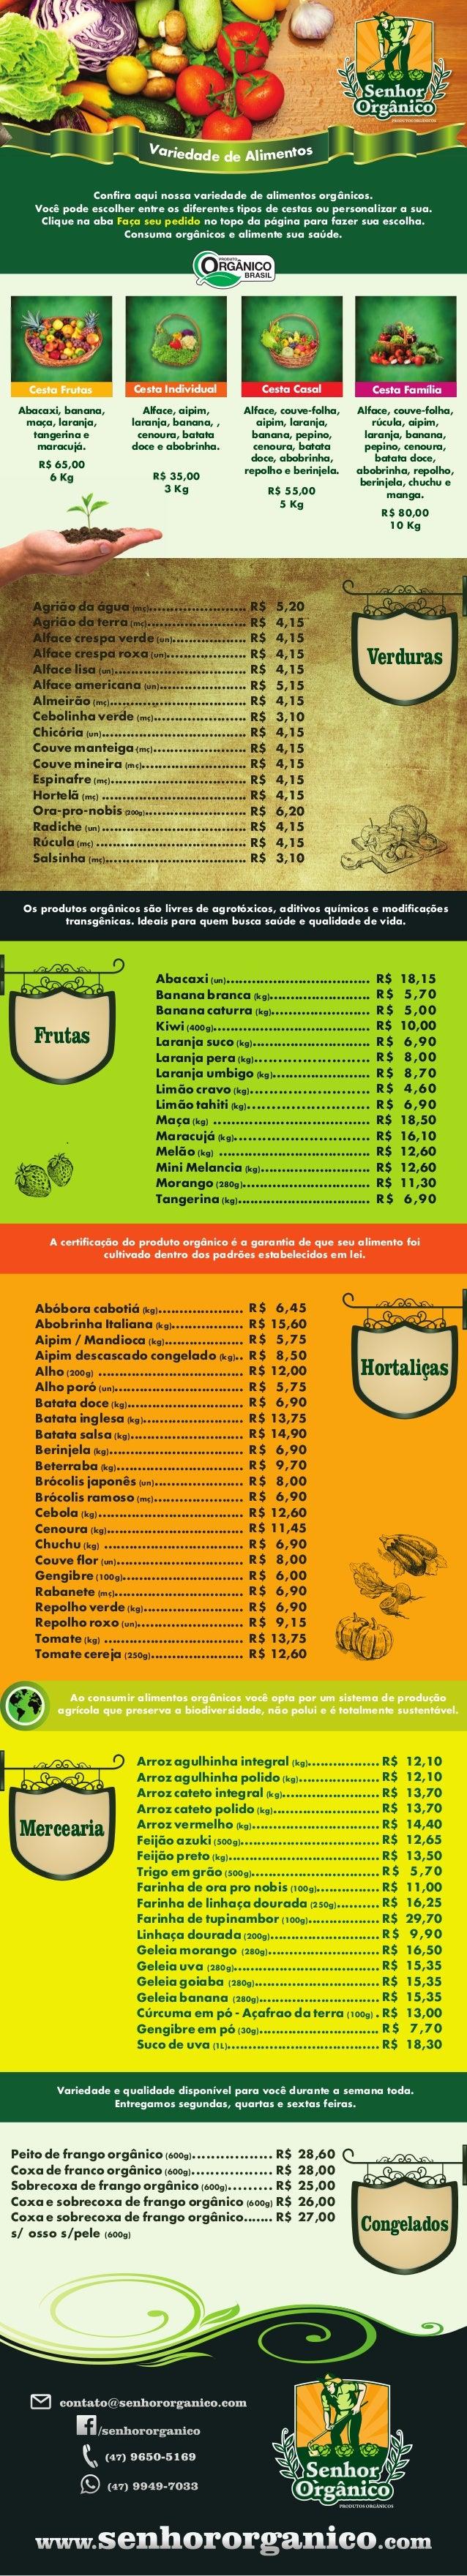 Frutas Va sor tie nd ea mid le Ade Confira aqui nossa variedade de alimentos orgânicos. Você pode escolher entre os diferen...